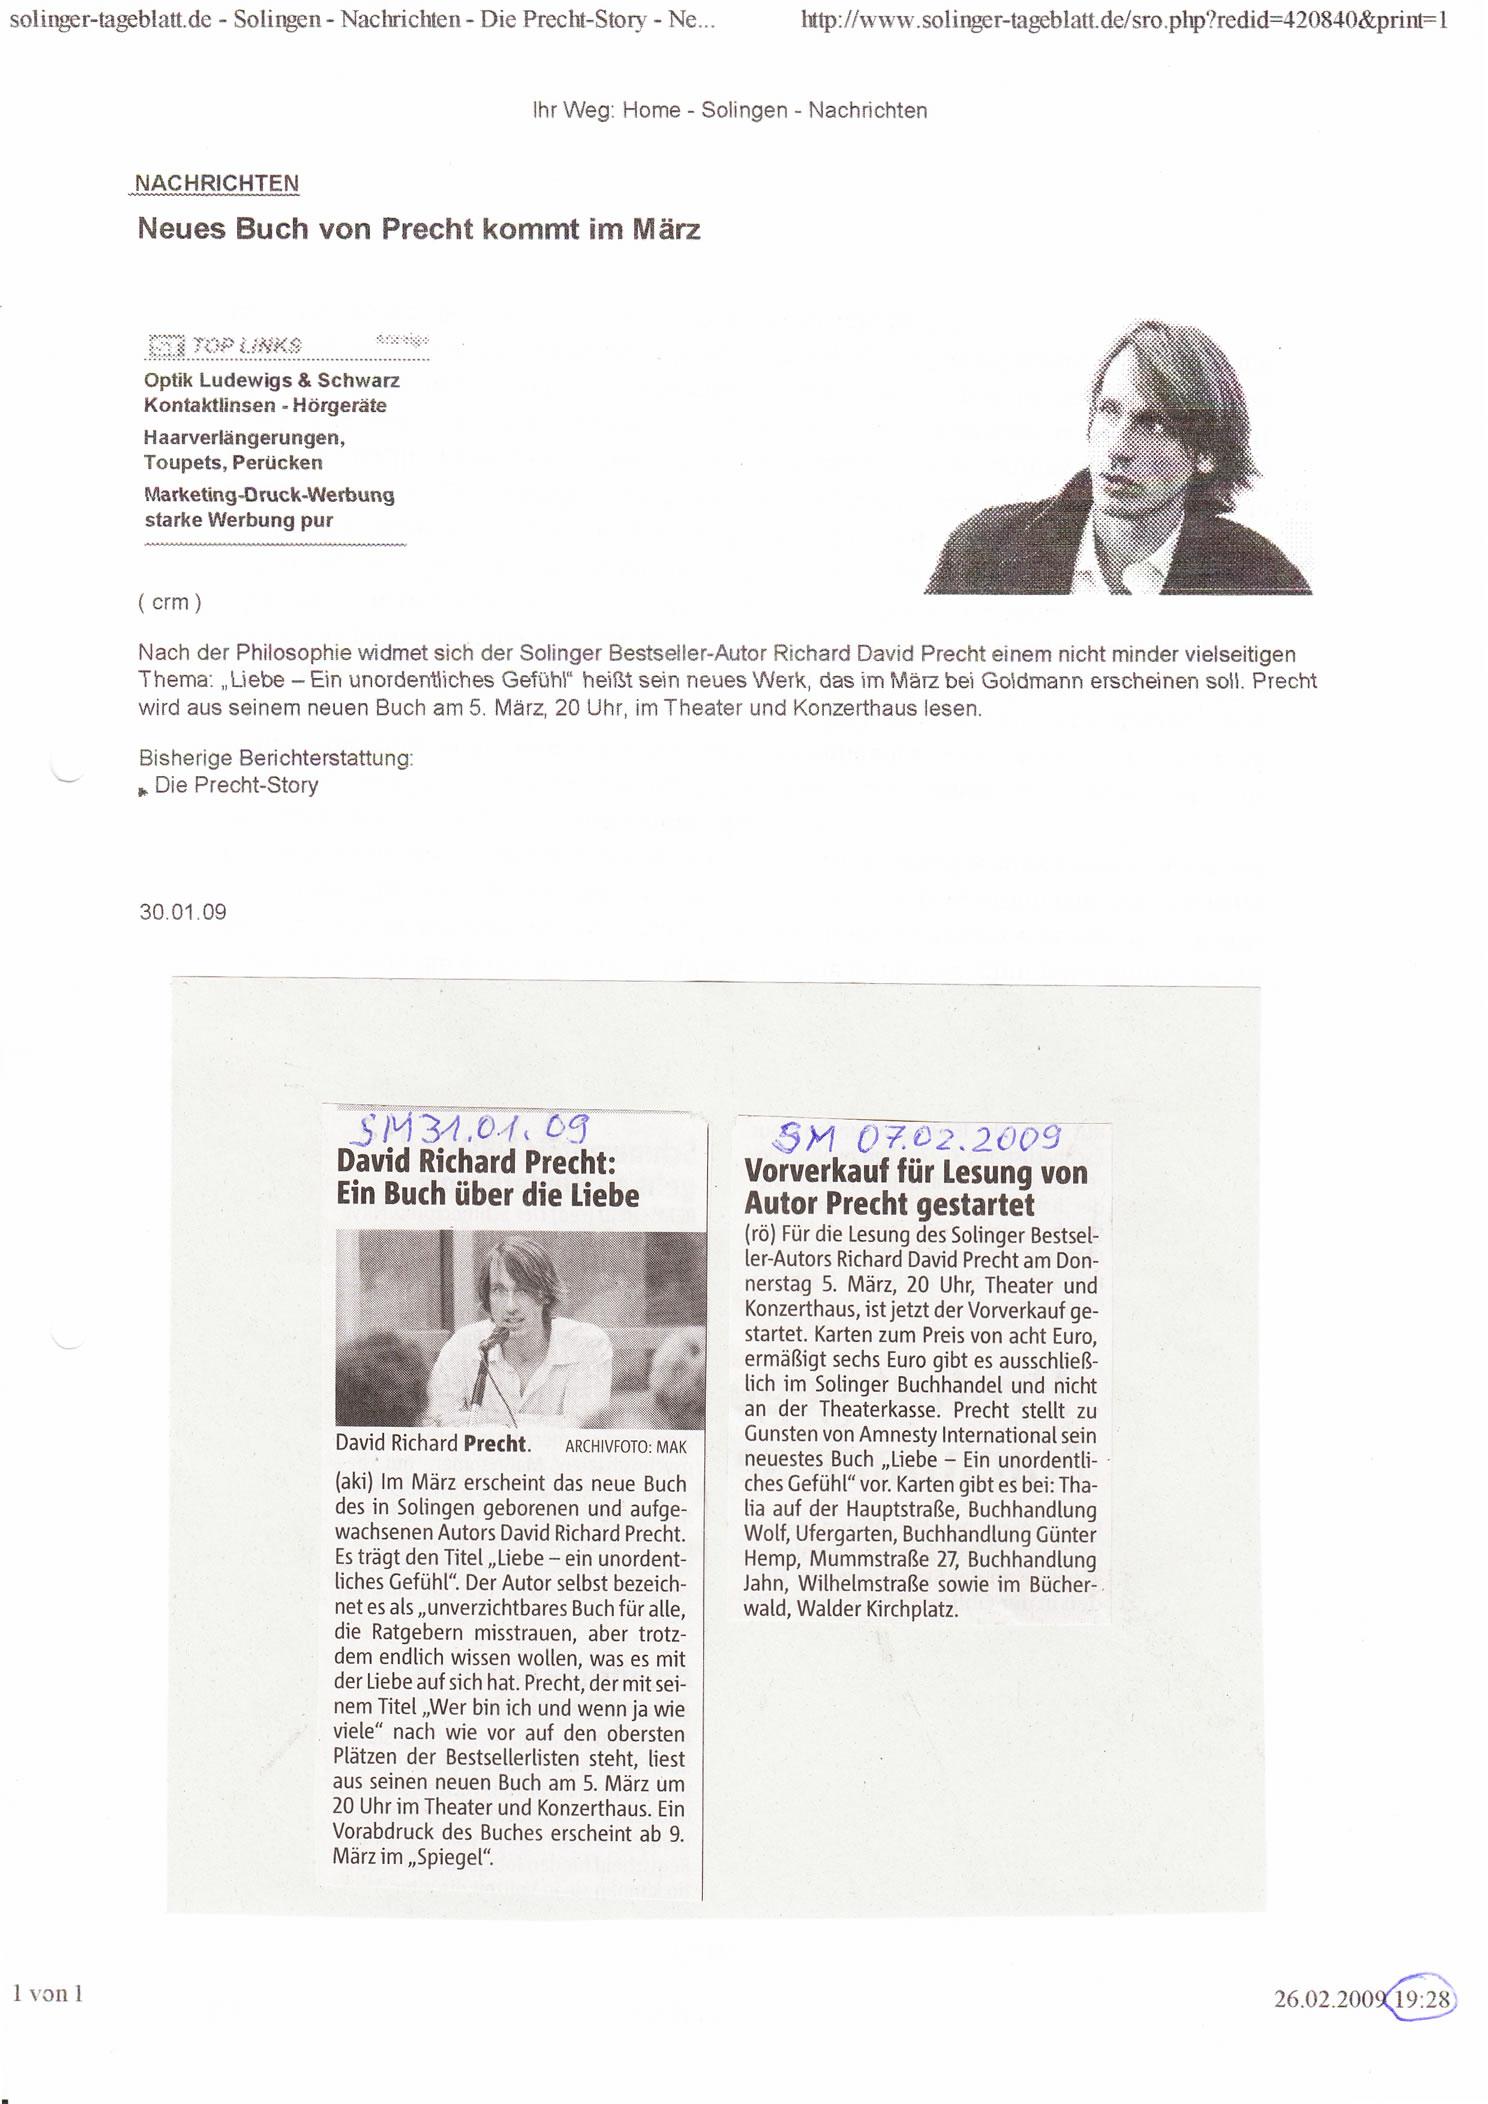 Solinger Tageblatt 01/09: Ankündigung Lesung Richard David Precht